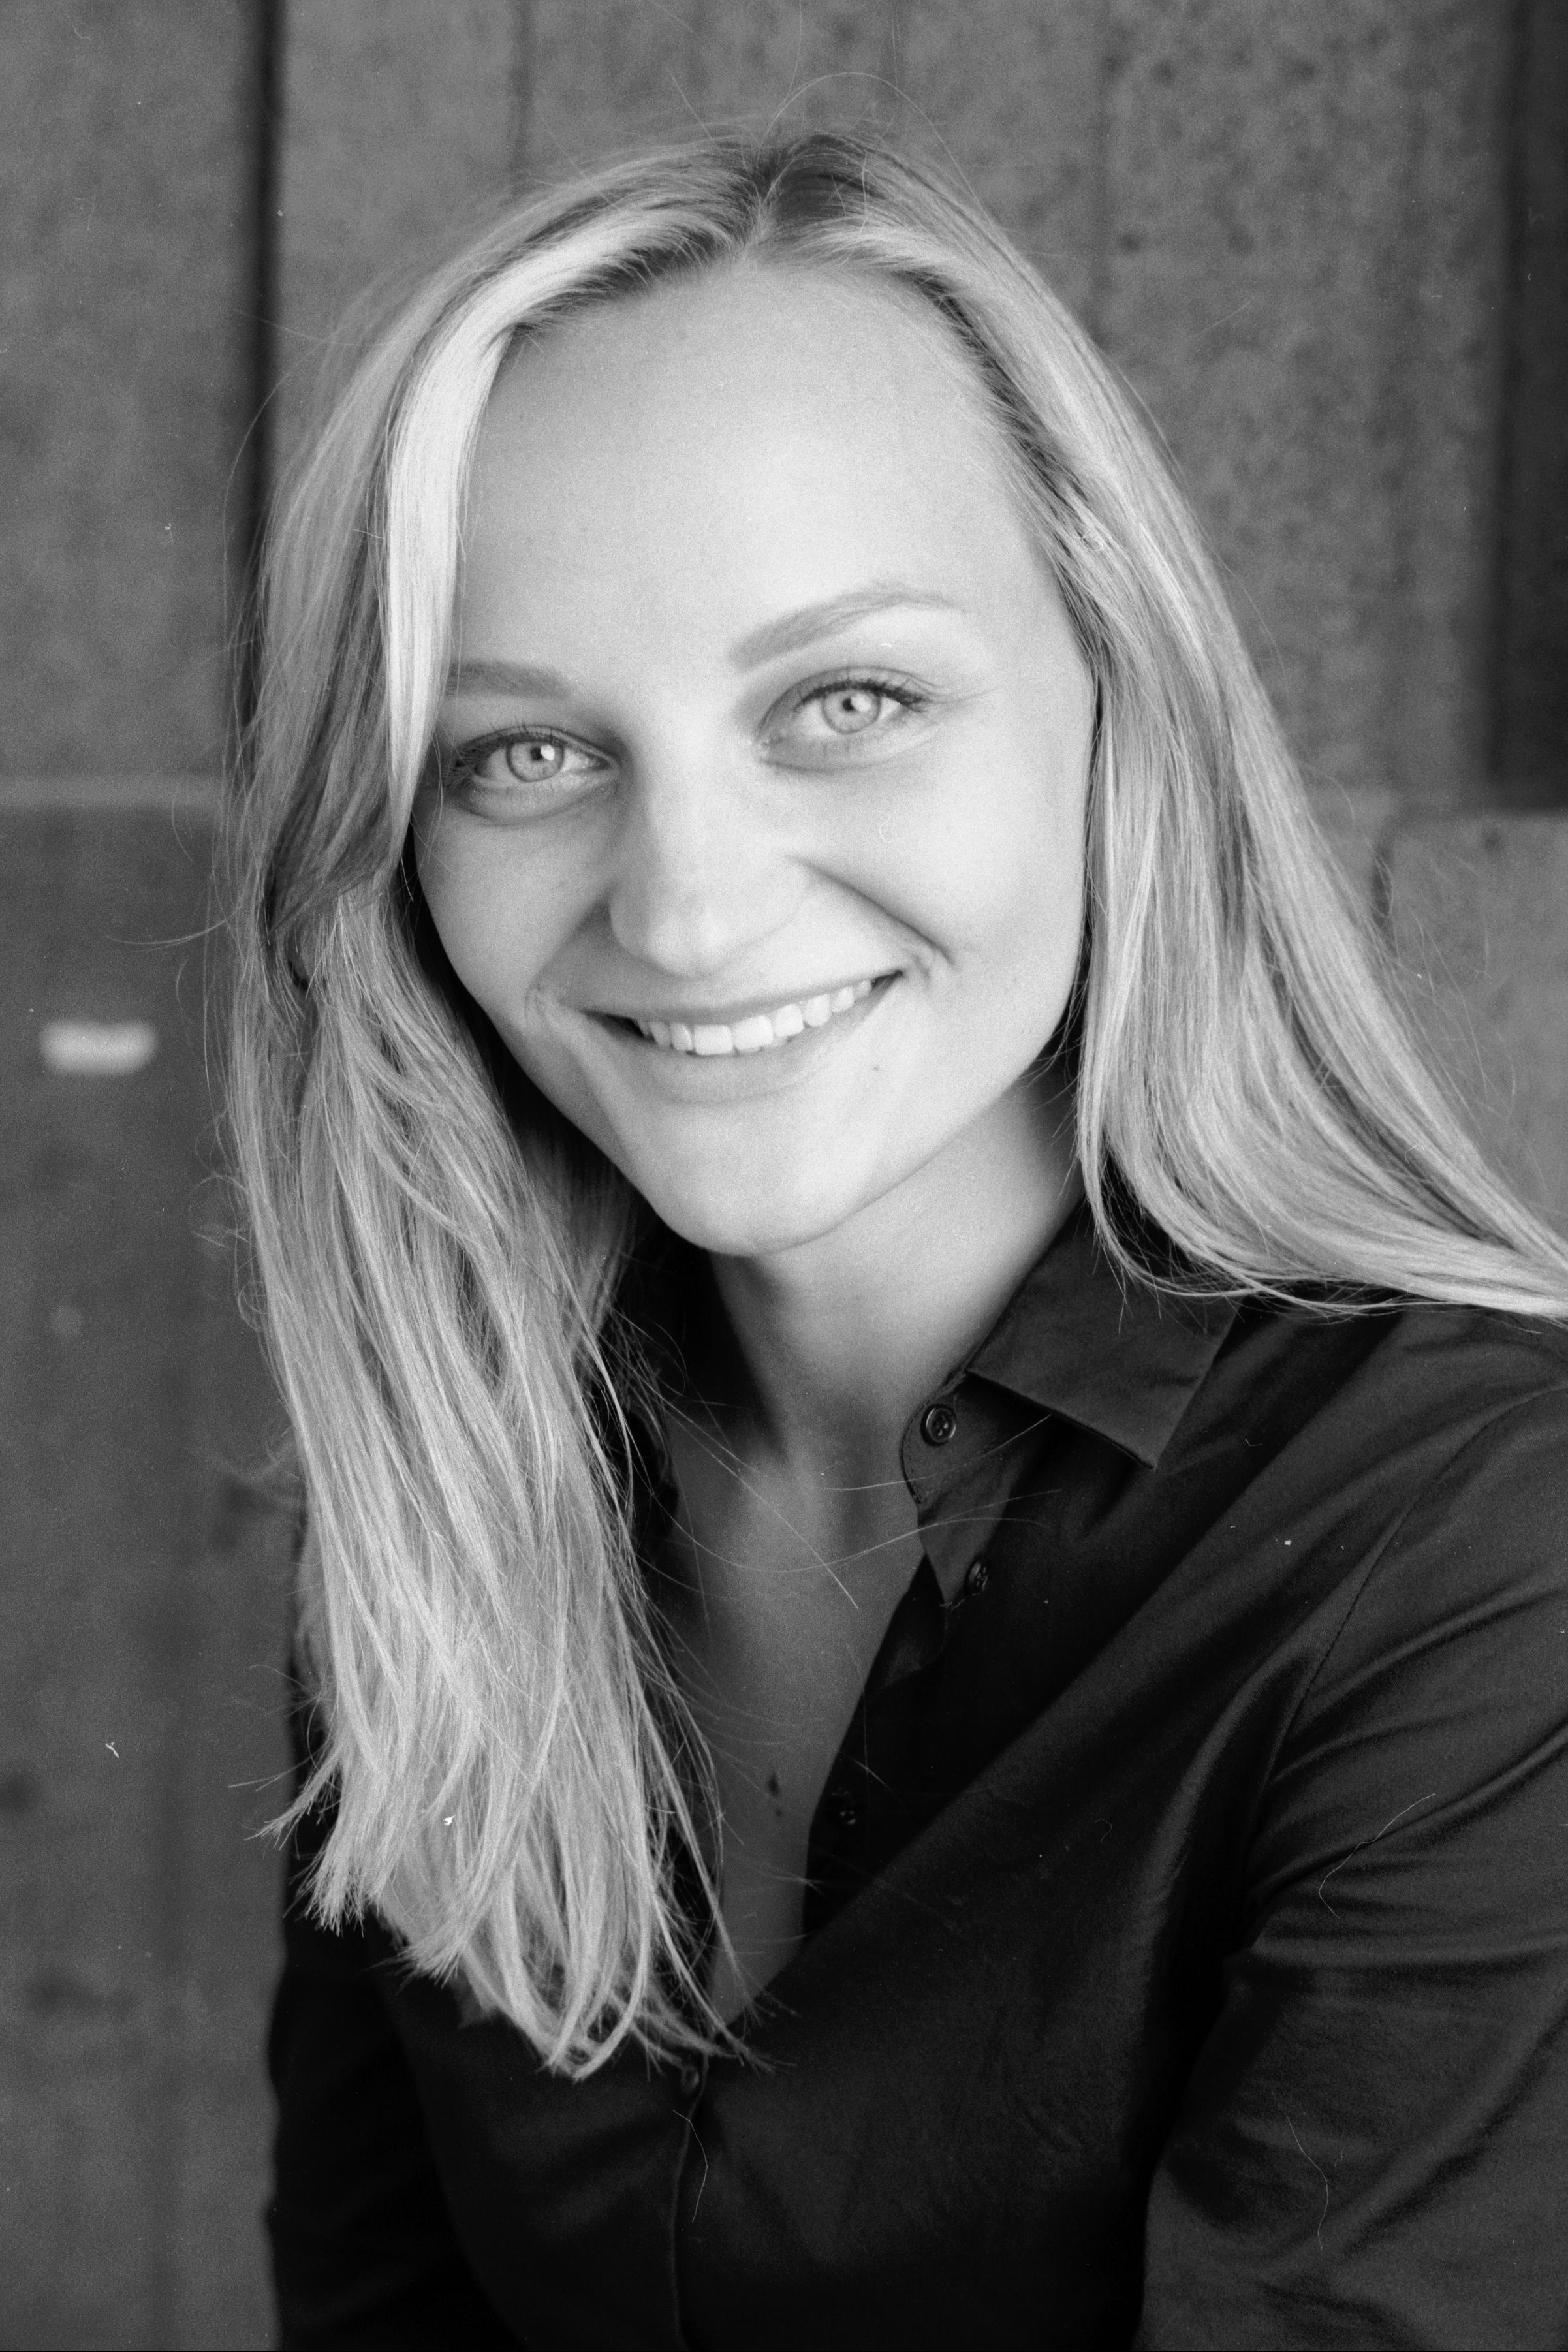 Anna Zöch mit Zähne lächelnd schwarz-weiß